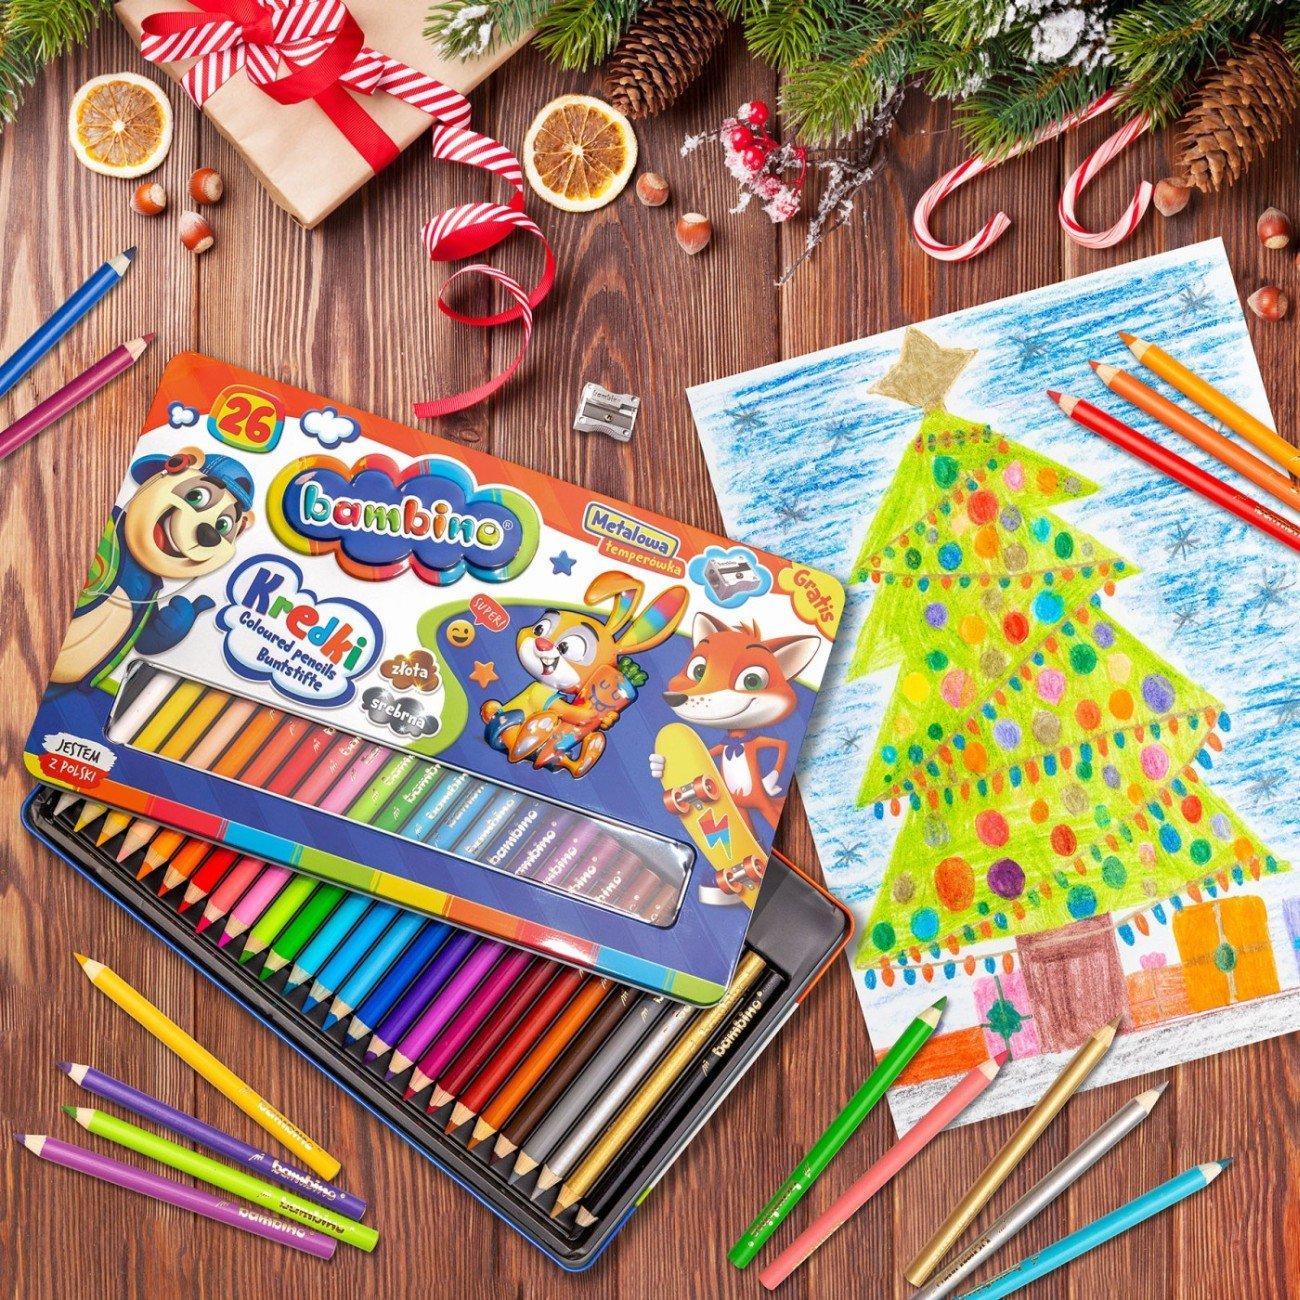 Bambino seria Zwierzaki Uczniaki zestaw kredek 26 kolorów w oprawie drewnianej